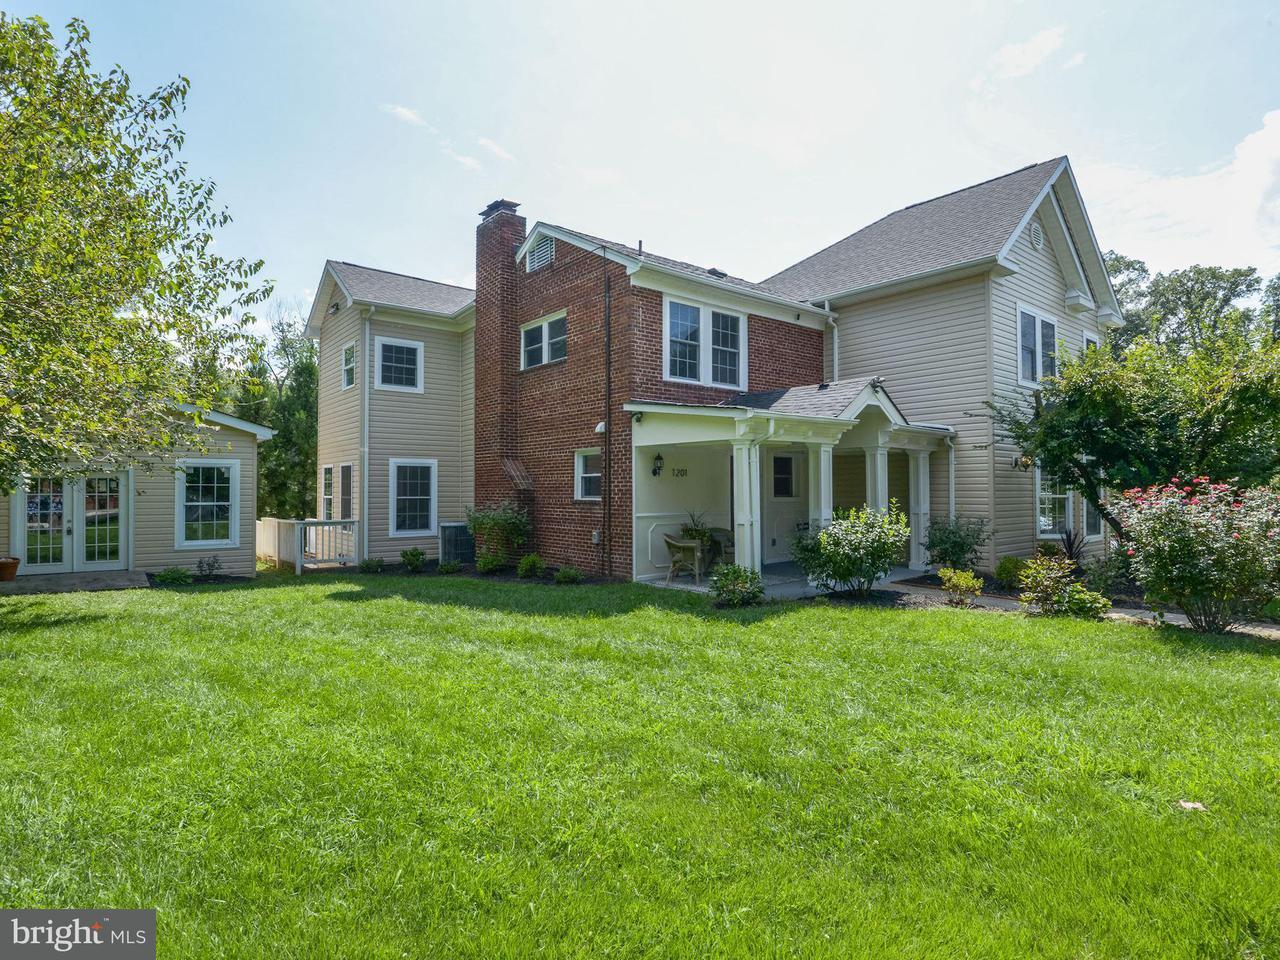 Maison unifamiliale pour l Vente à 1201 JACKSON Avenue 1201 JACKSON Avenue Takoma Park, Maryland 20912 États-Unis